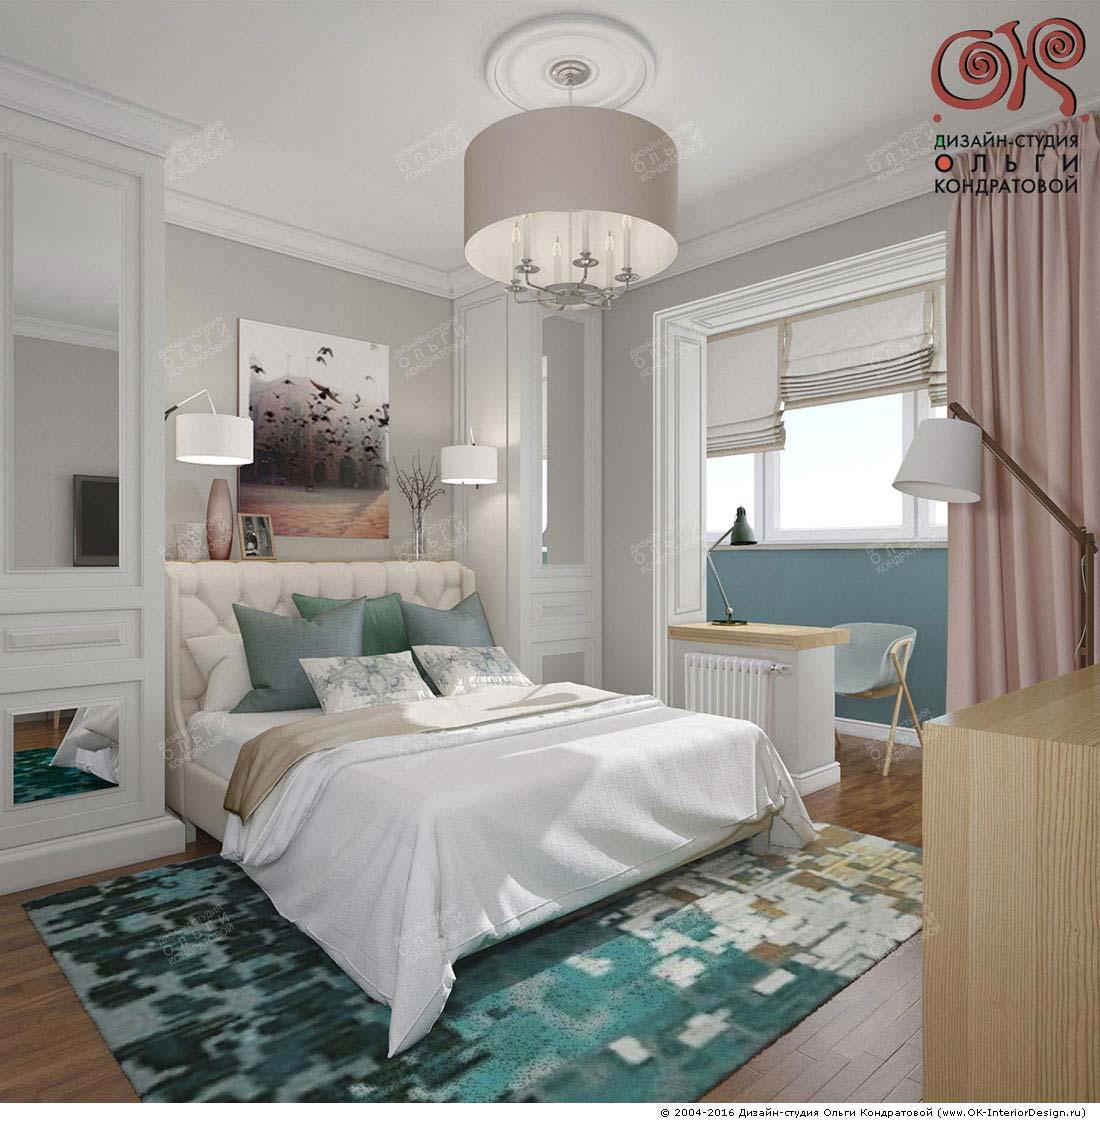 Дизайн современной спальни с элементами арт-деко